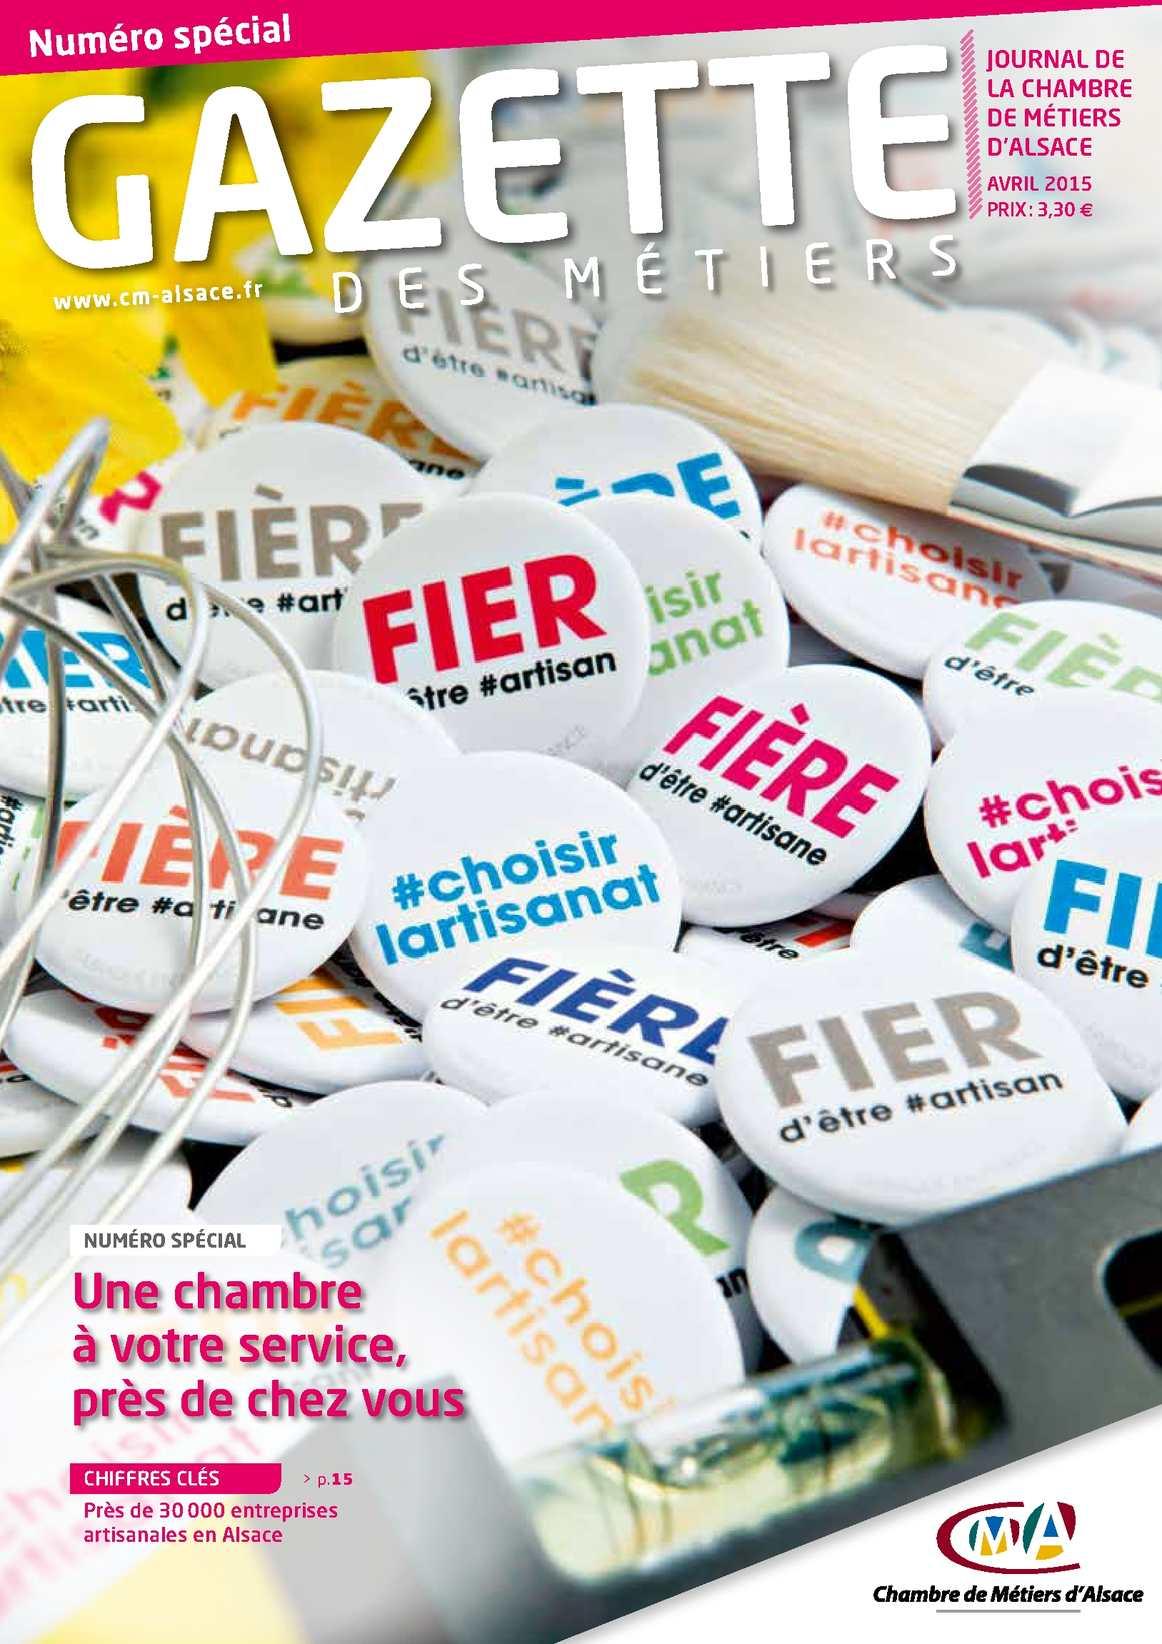 Calam o la gazette des m tiers avril 2015 - Chambre des metiers strasbourg ...